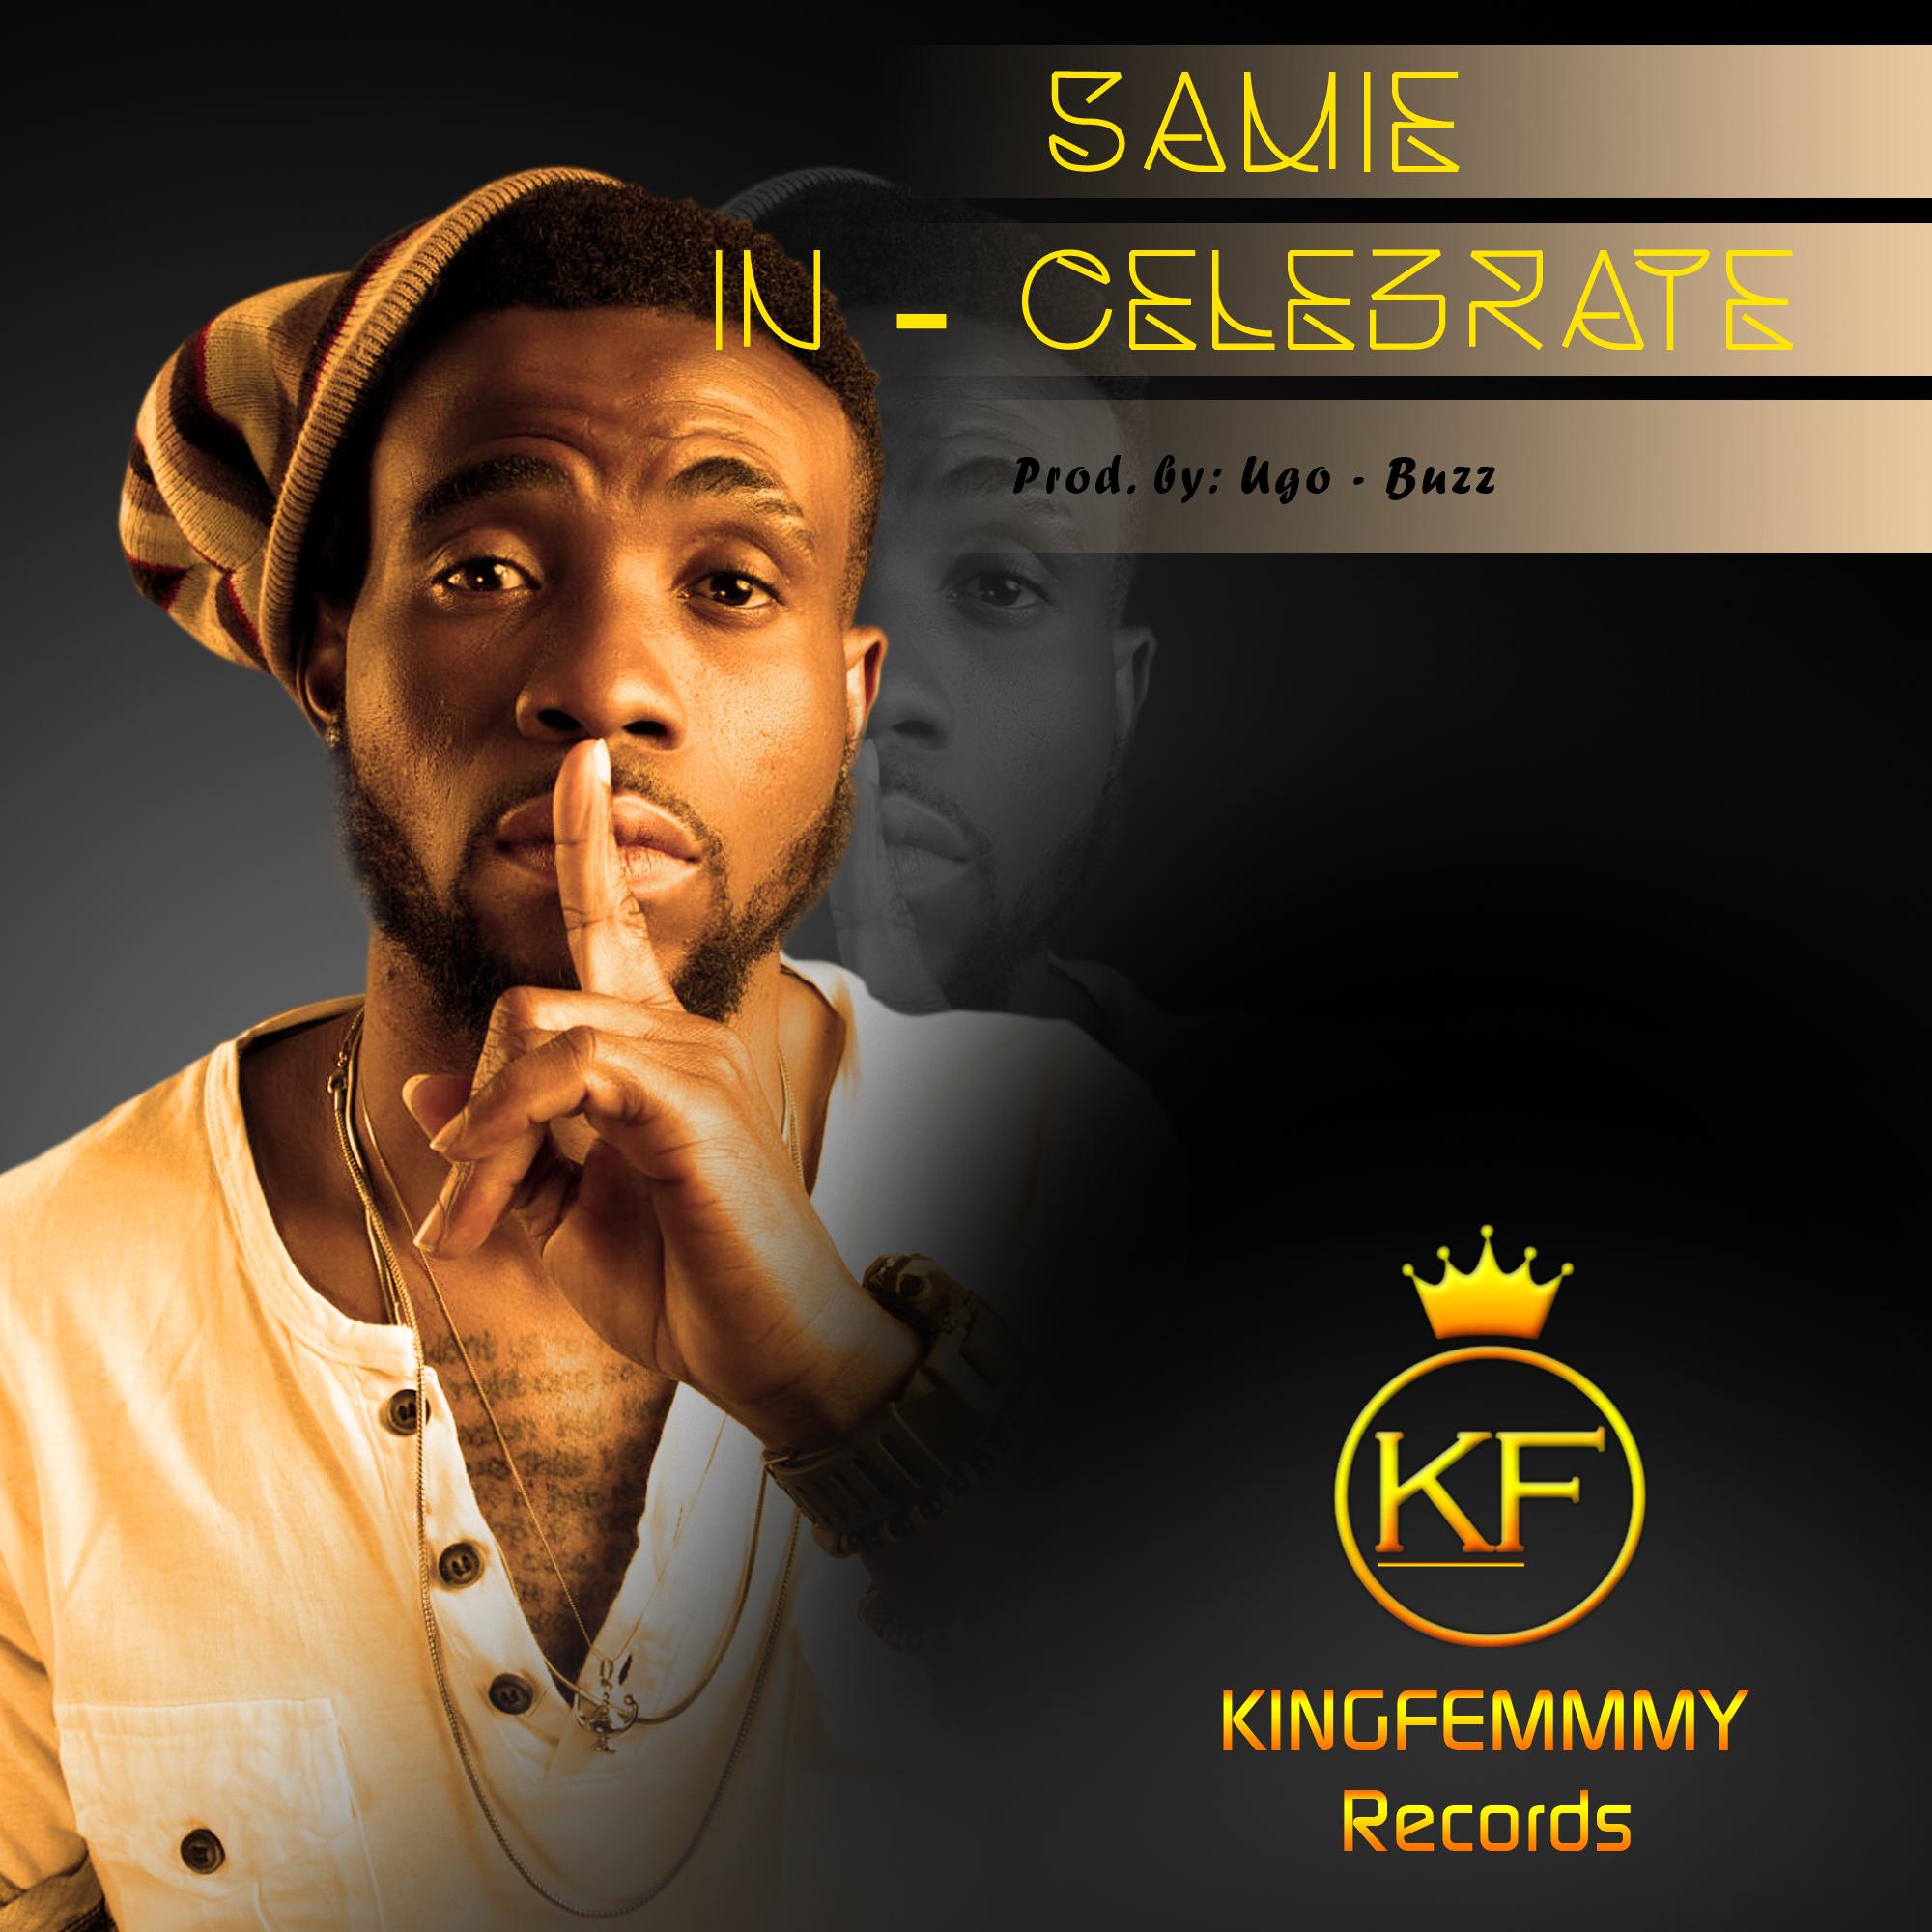 Sammie – Celebrate ft. Ugo Buzz